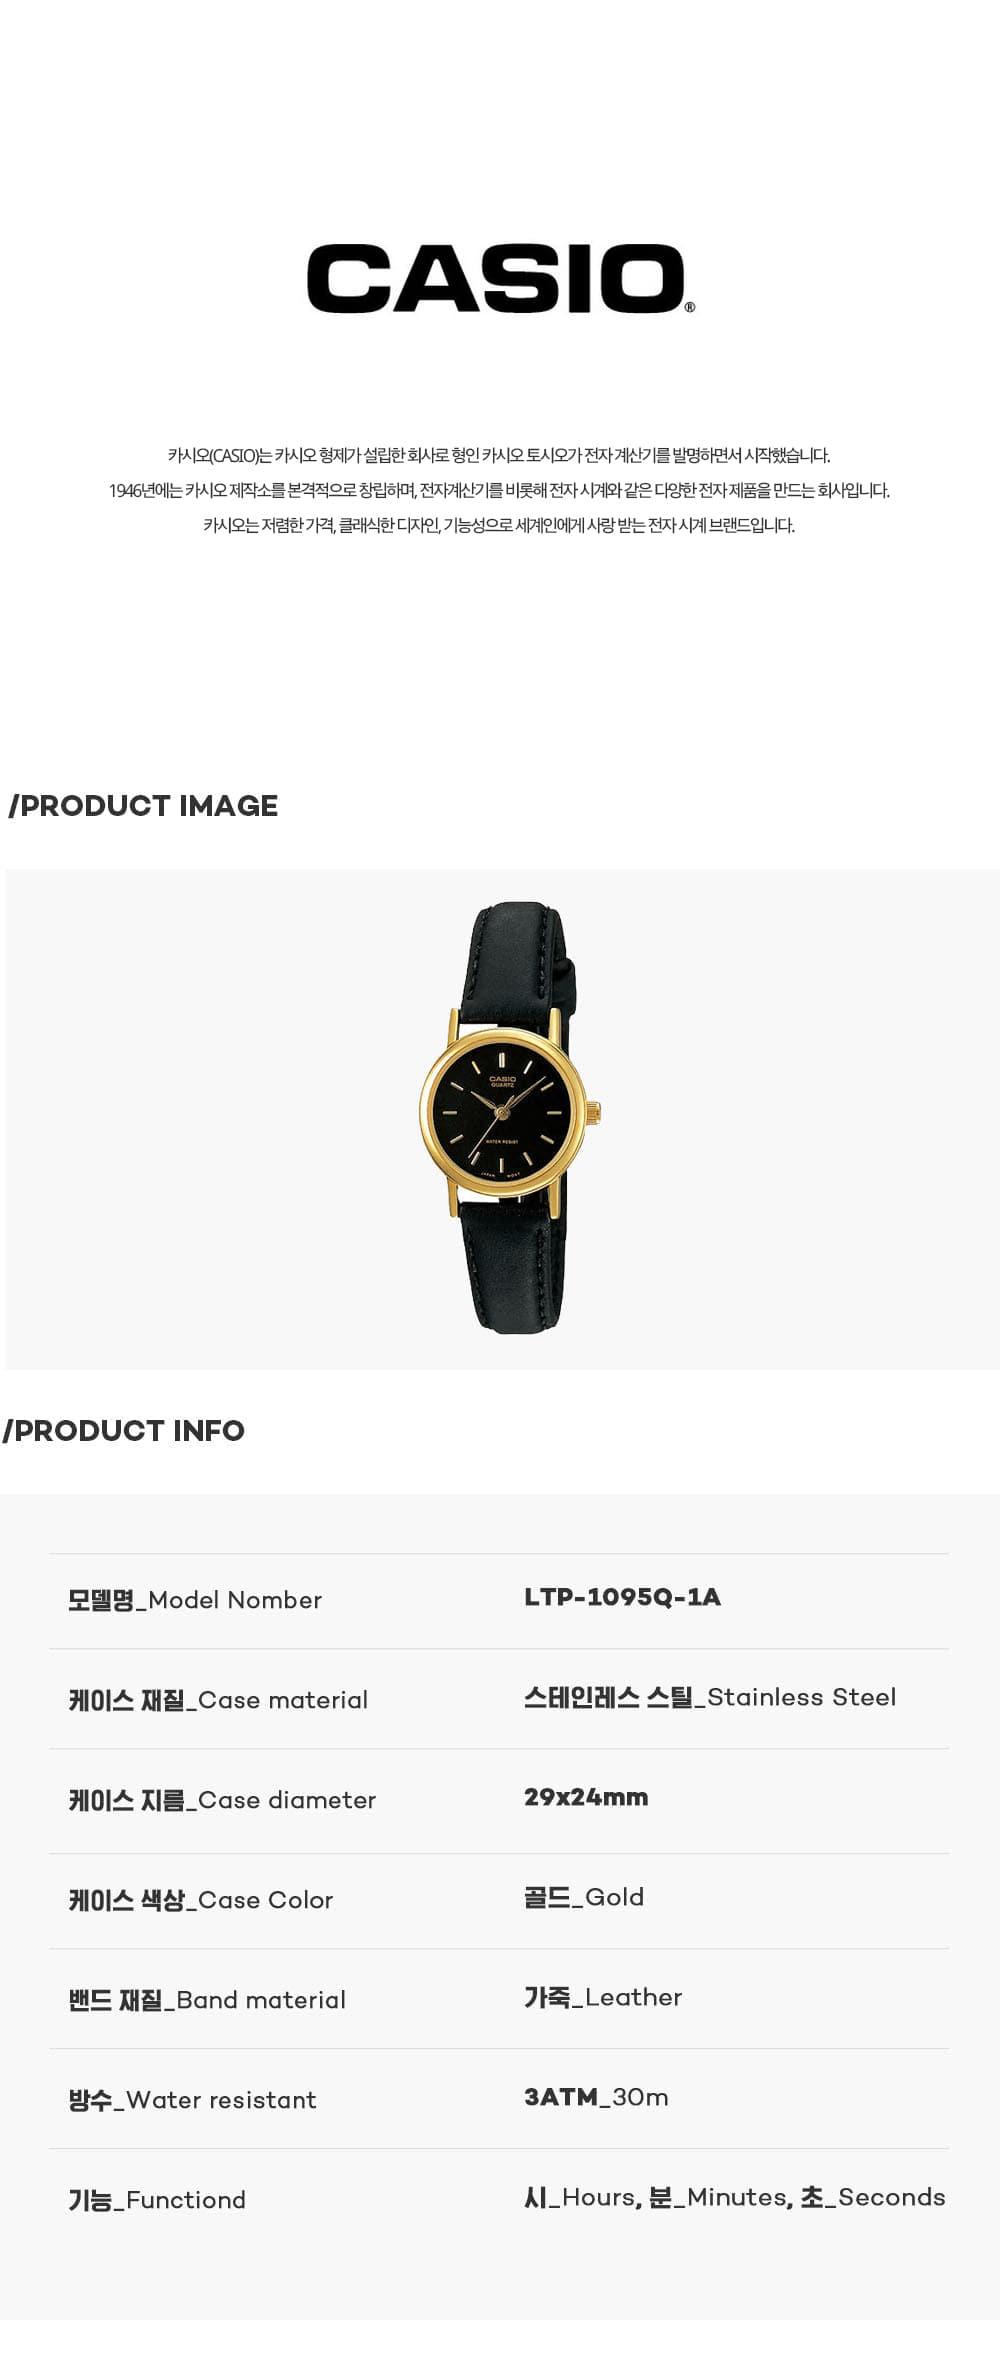 카시오 LTP-1095Q-1A 가죽시계 - 카시오, 55,000원, 여성시계, 가죽시계